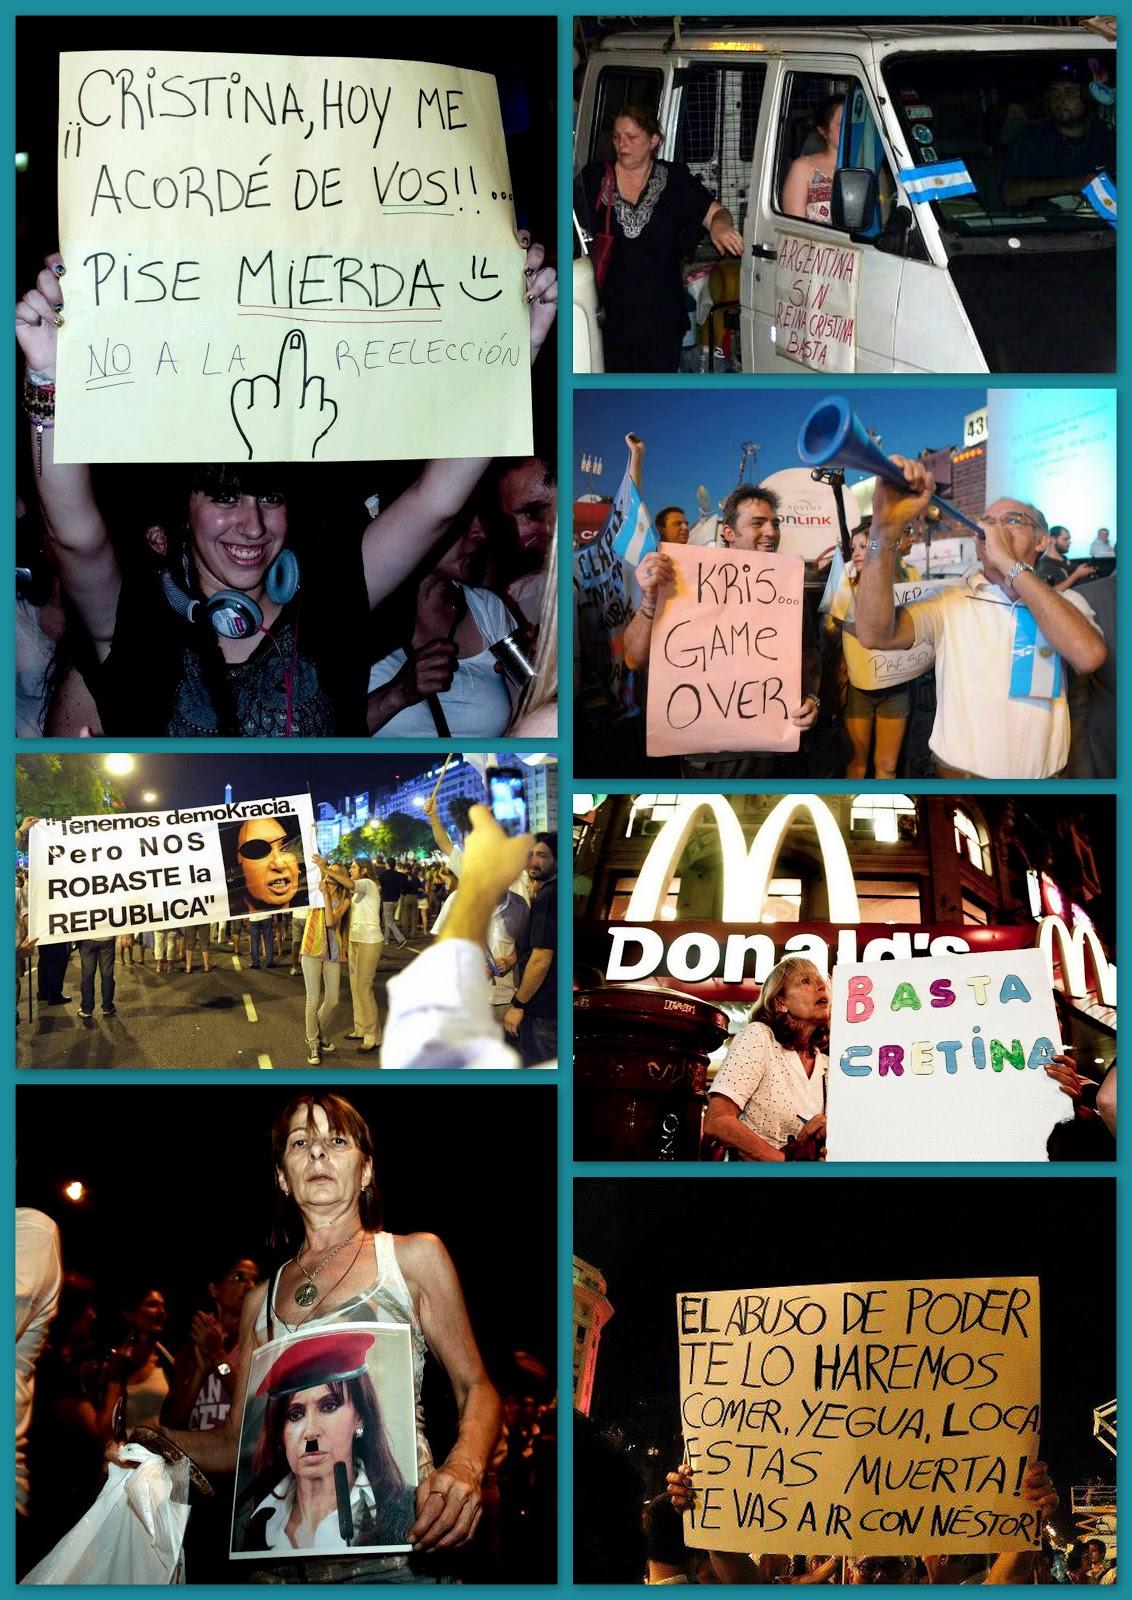 http://3.bp.blogspot.com/-Ie3RGt_xr94/UJ7EUzxrRDI/AAAAAAAAQXY/FXrx7AMNSWk/s1600/IMAGENES+DEL+8N-+A+PESAR+DE+LAS+INDICACIONES,+LOS+MANIFESTANTES+MOSTRARON+SU+HOSTILIDAD++(FOTOS+CARLOS+BRIGO,+SI+EL+PUCHI+SE+MUERE+y+OTROS)-003.jpg